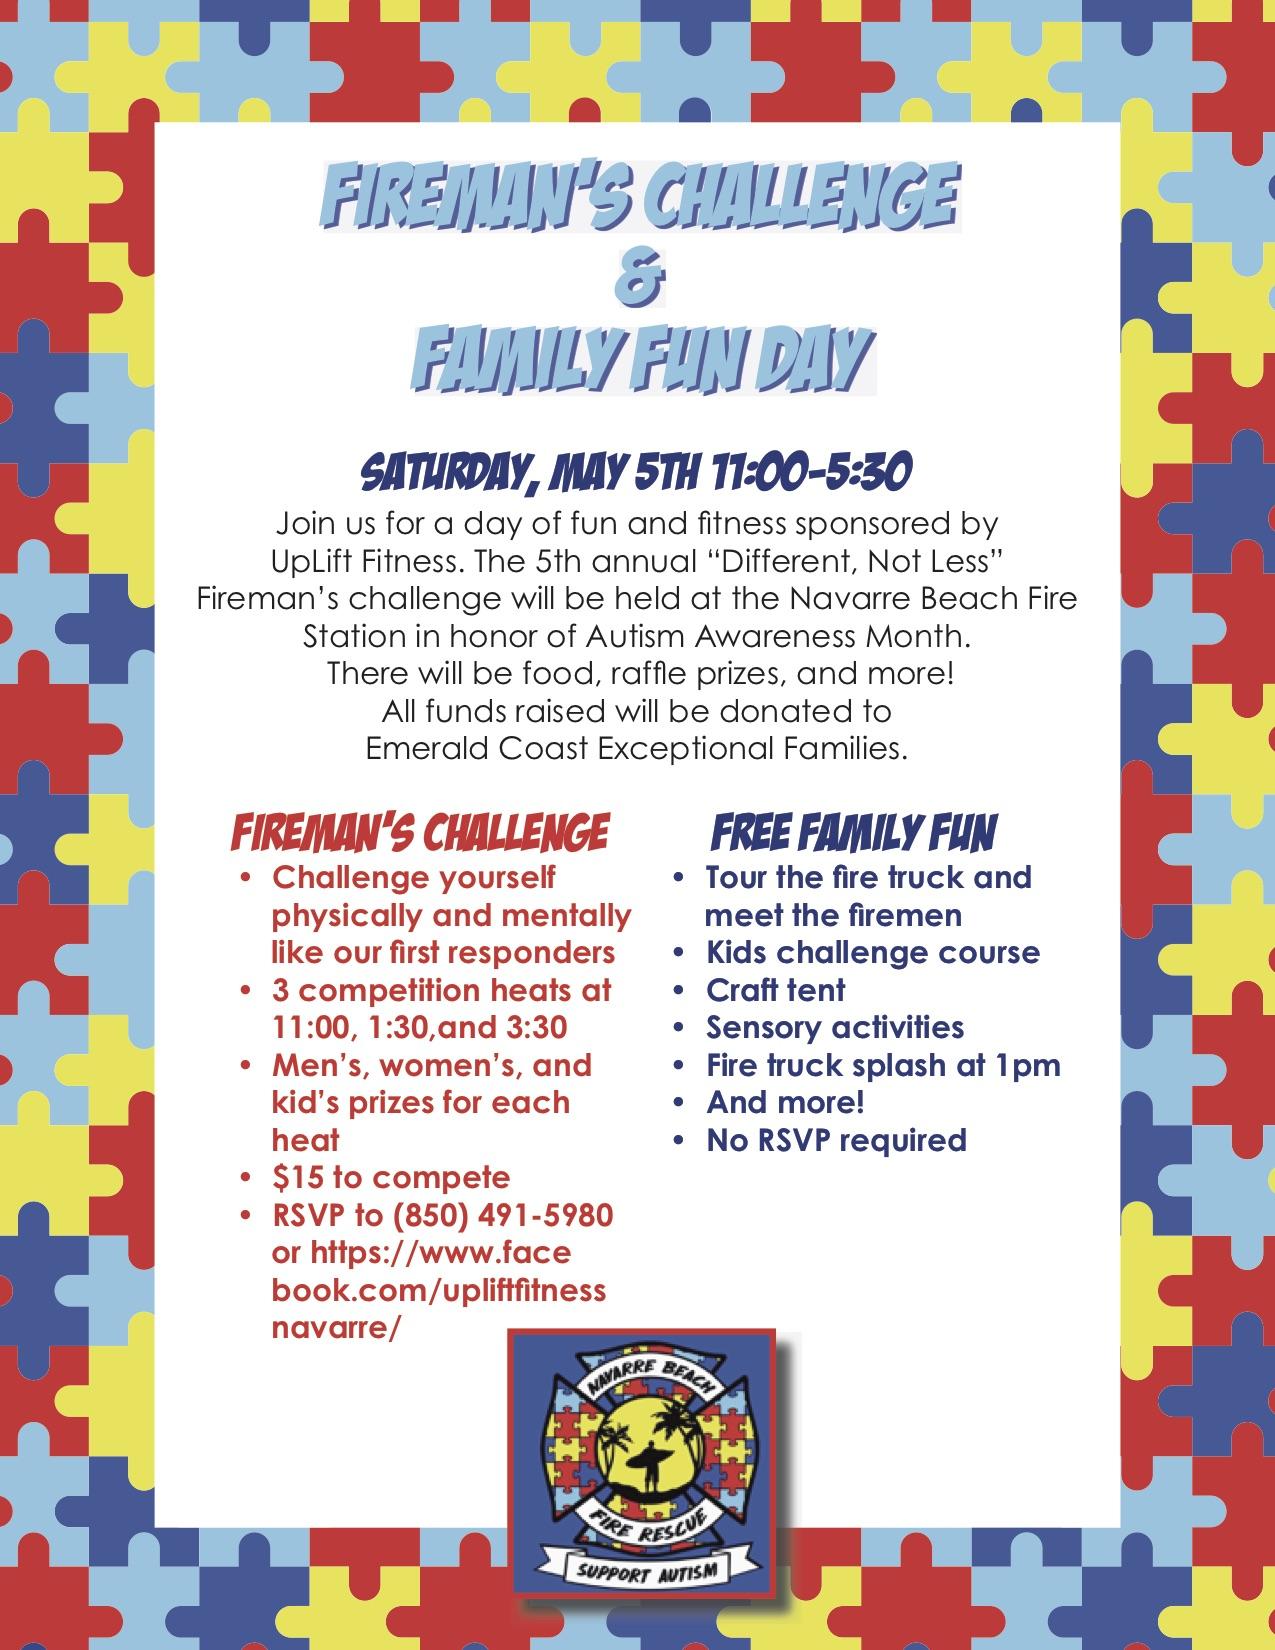 firemans_challenge_flyer_reschedule